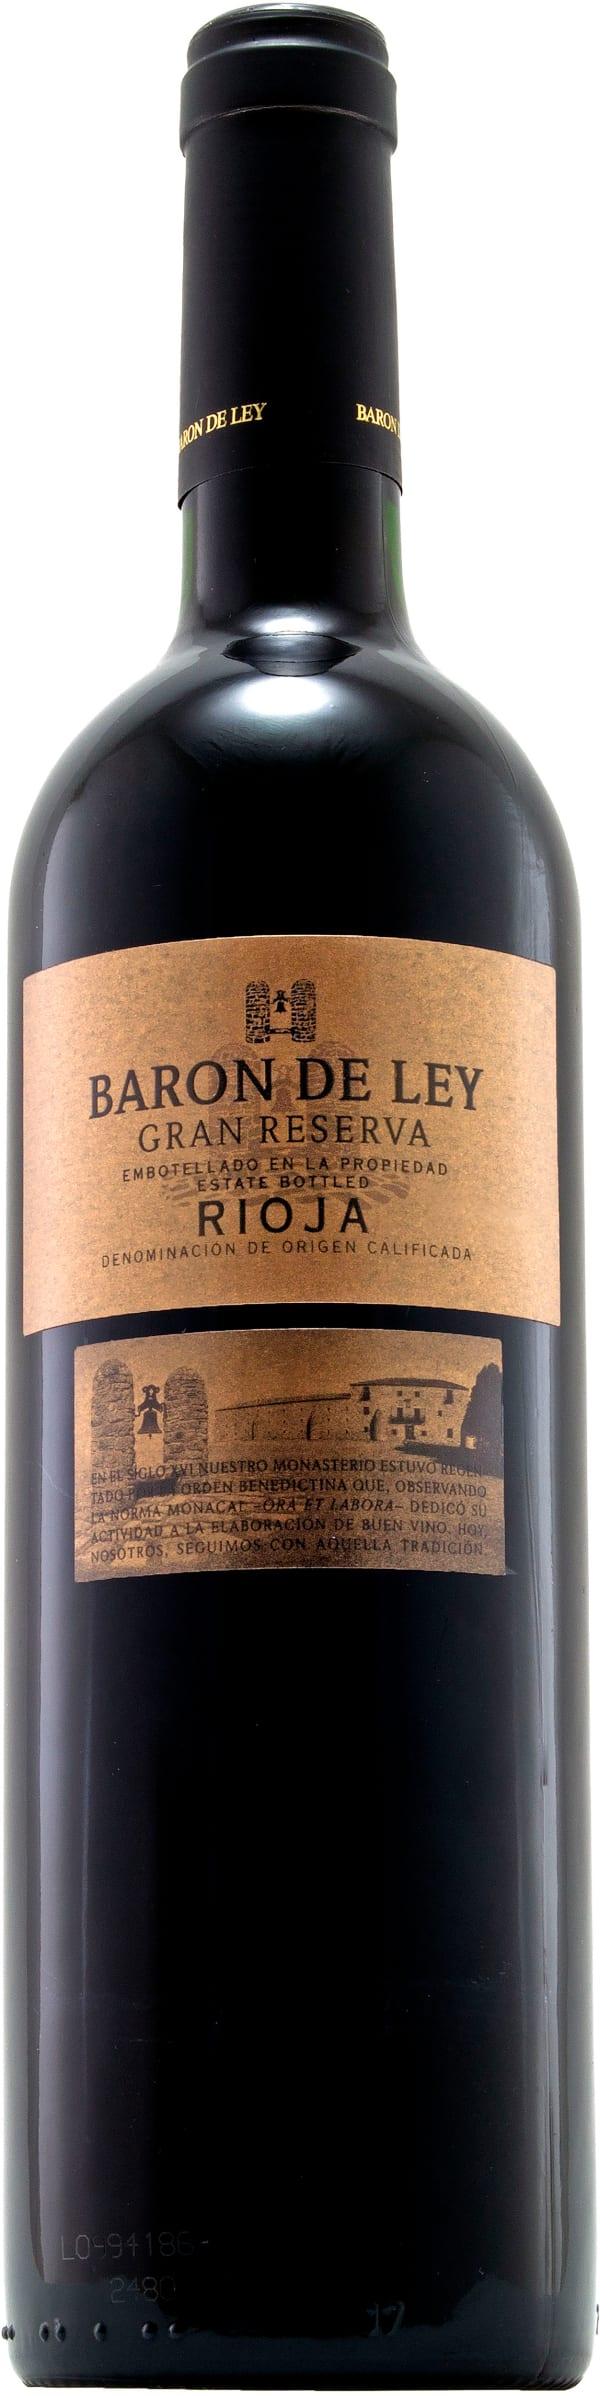 Baron de Ley Gran Reserva 2014